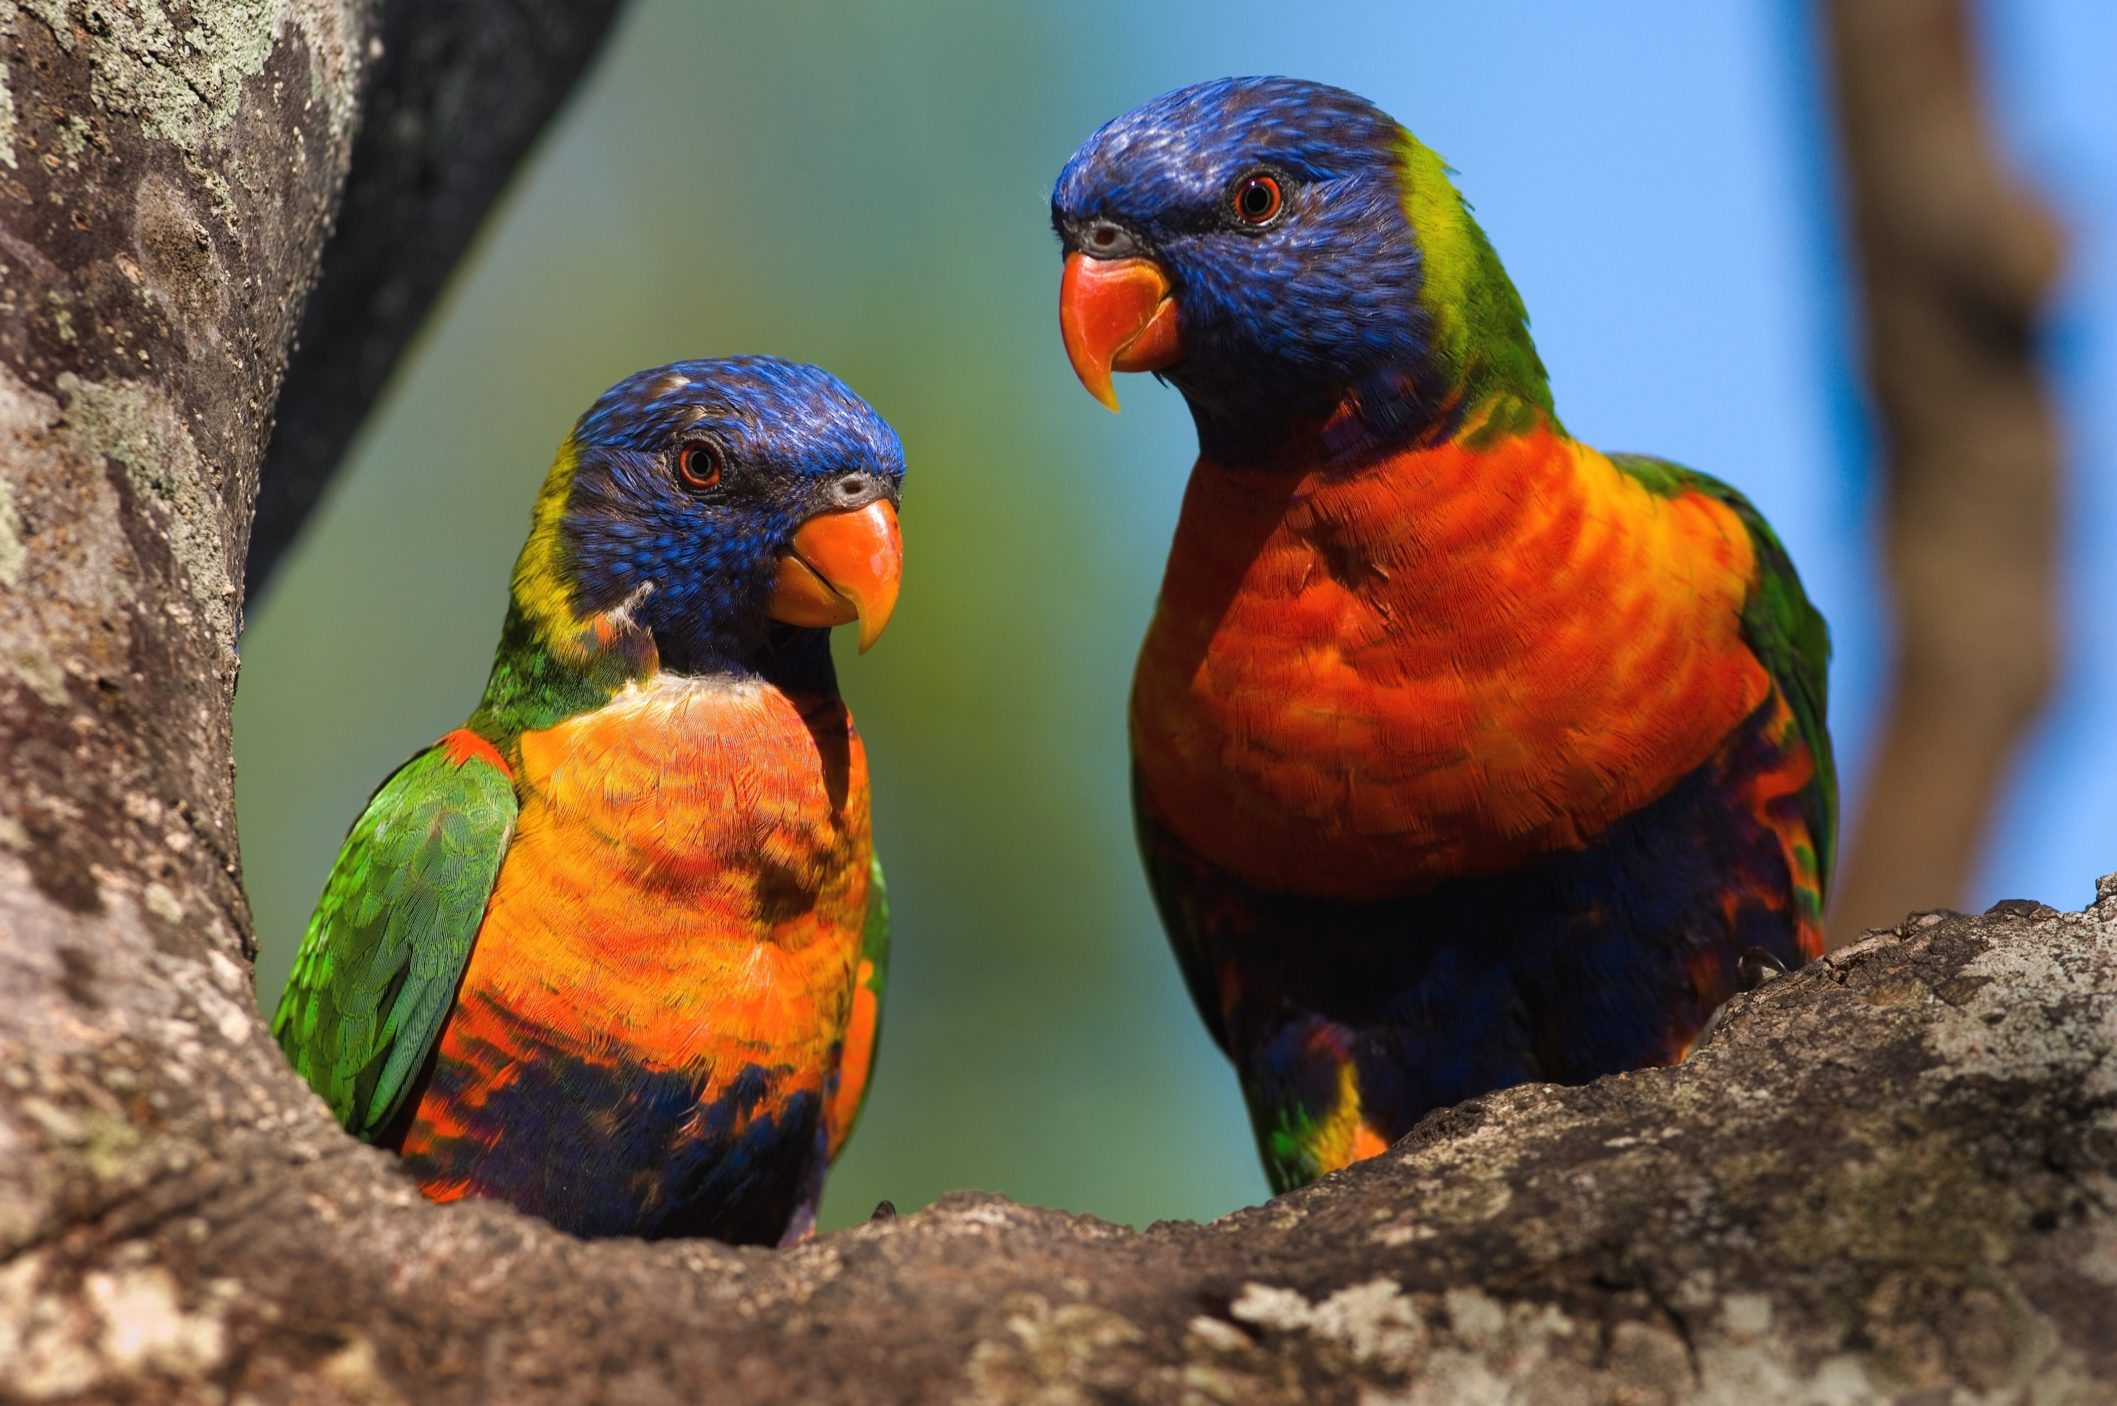 Solomon Islands [Shutterstock]